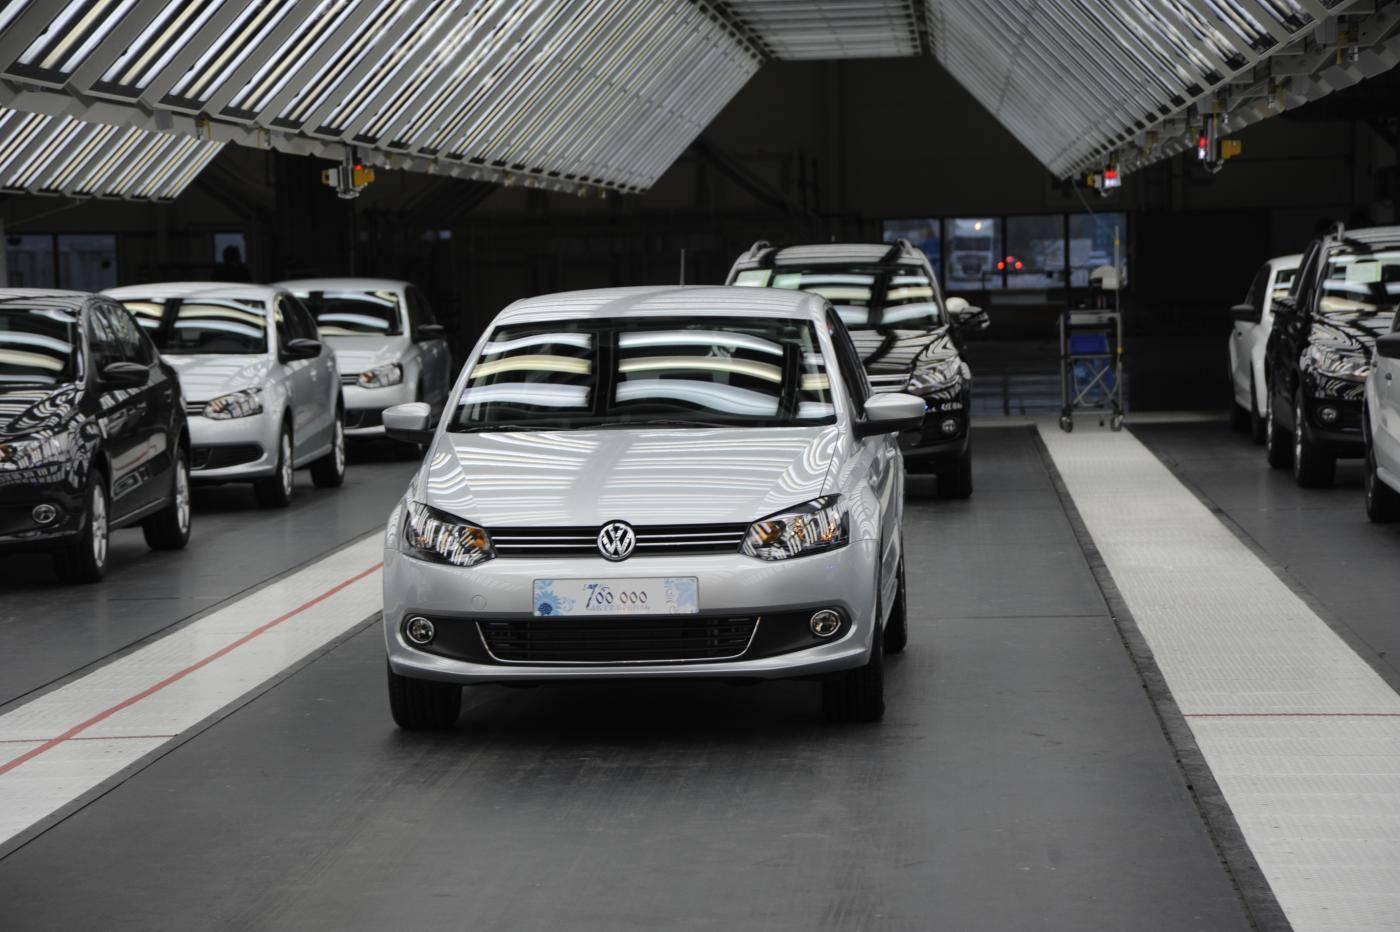 Volkswagen - полный каталог моделей, характеристики, отзывы на все автомобили volkswagen (фольксваген)